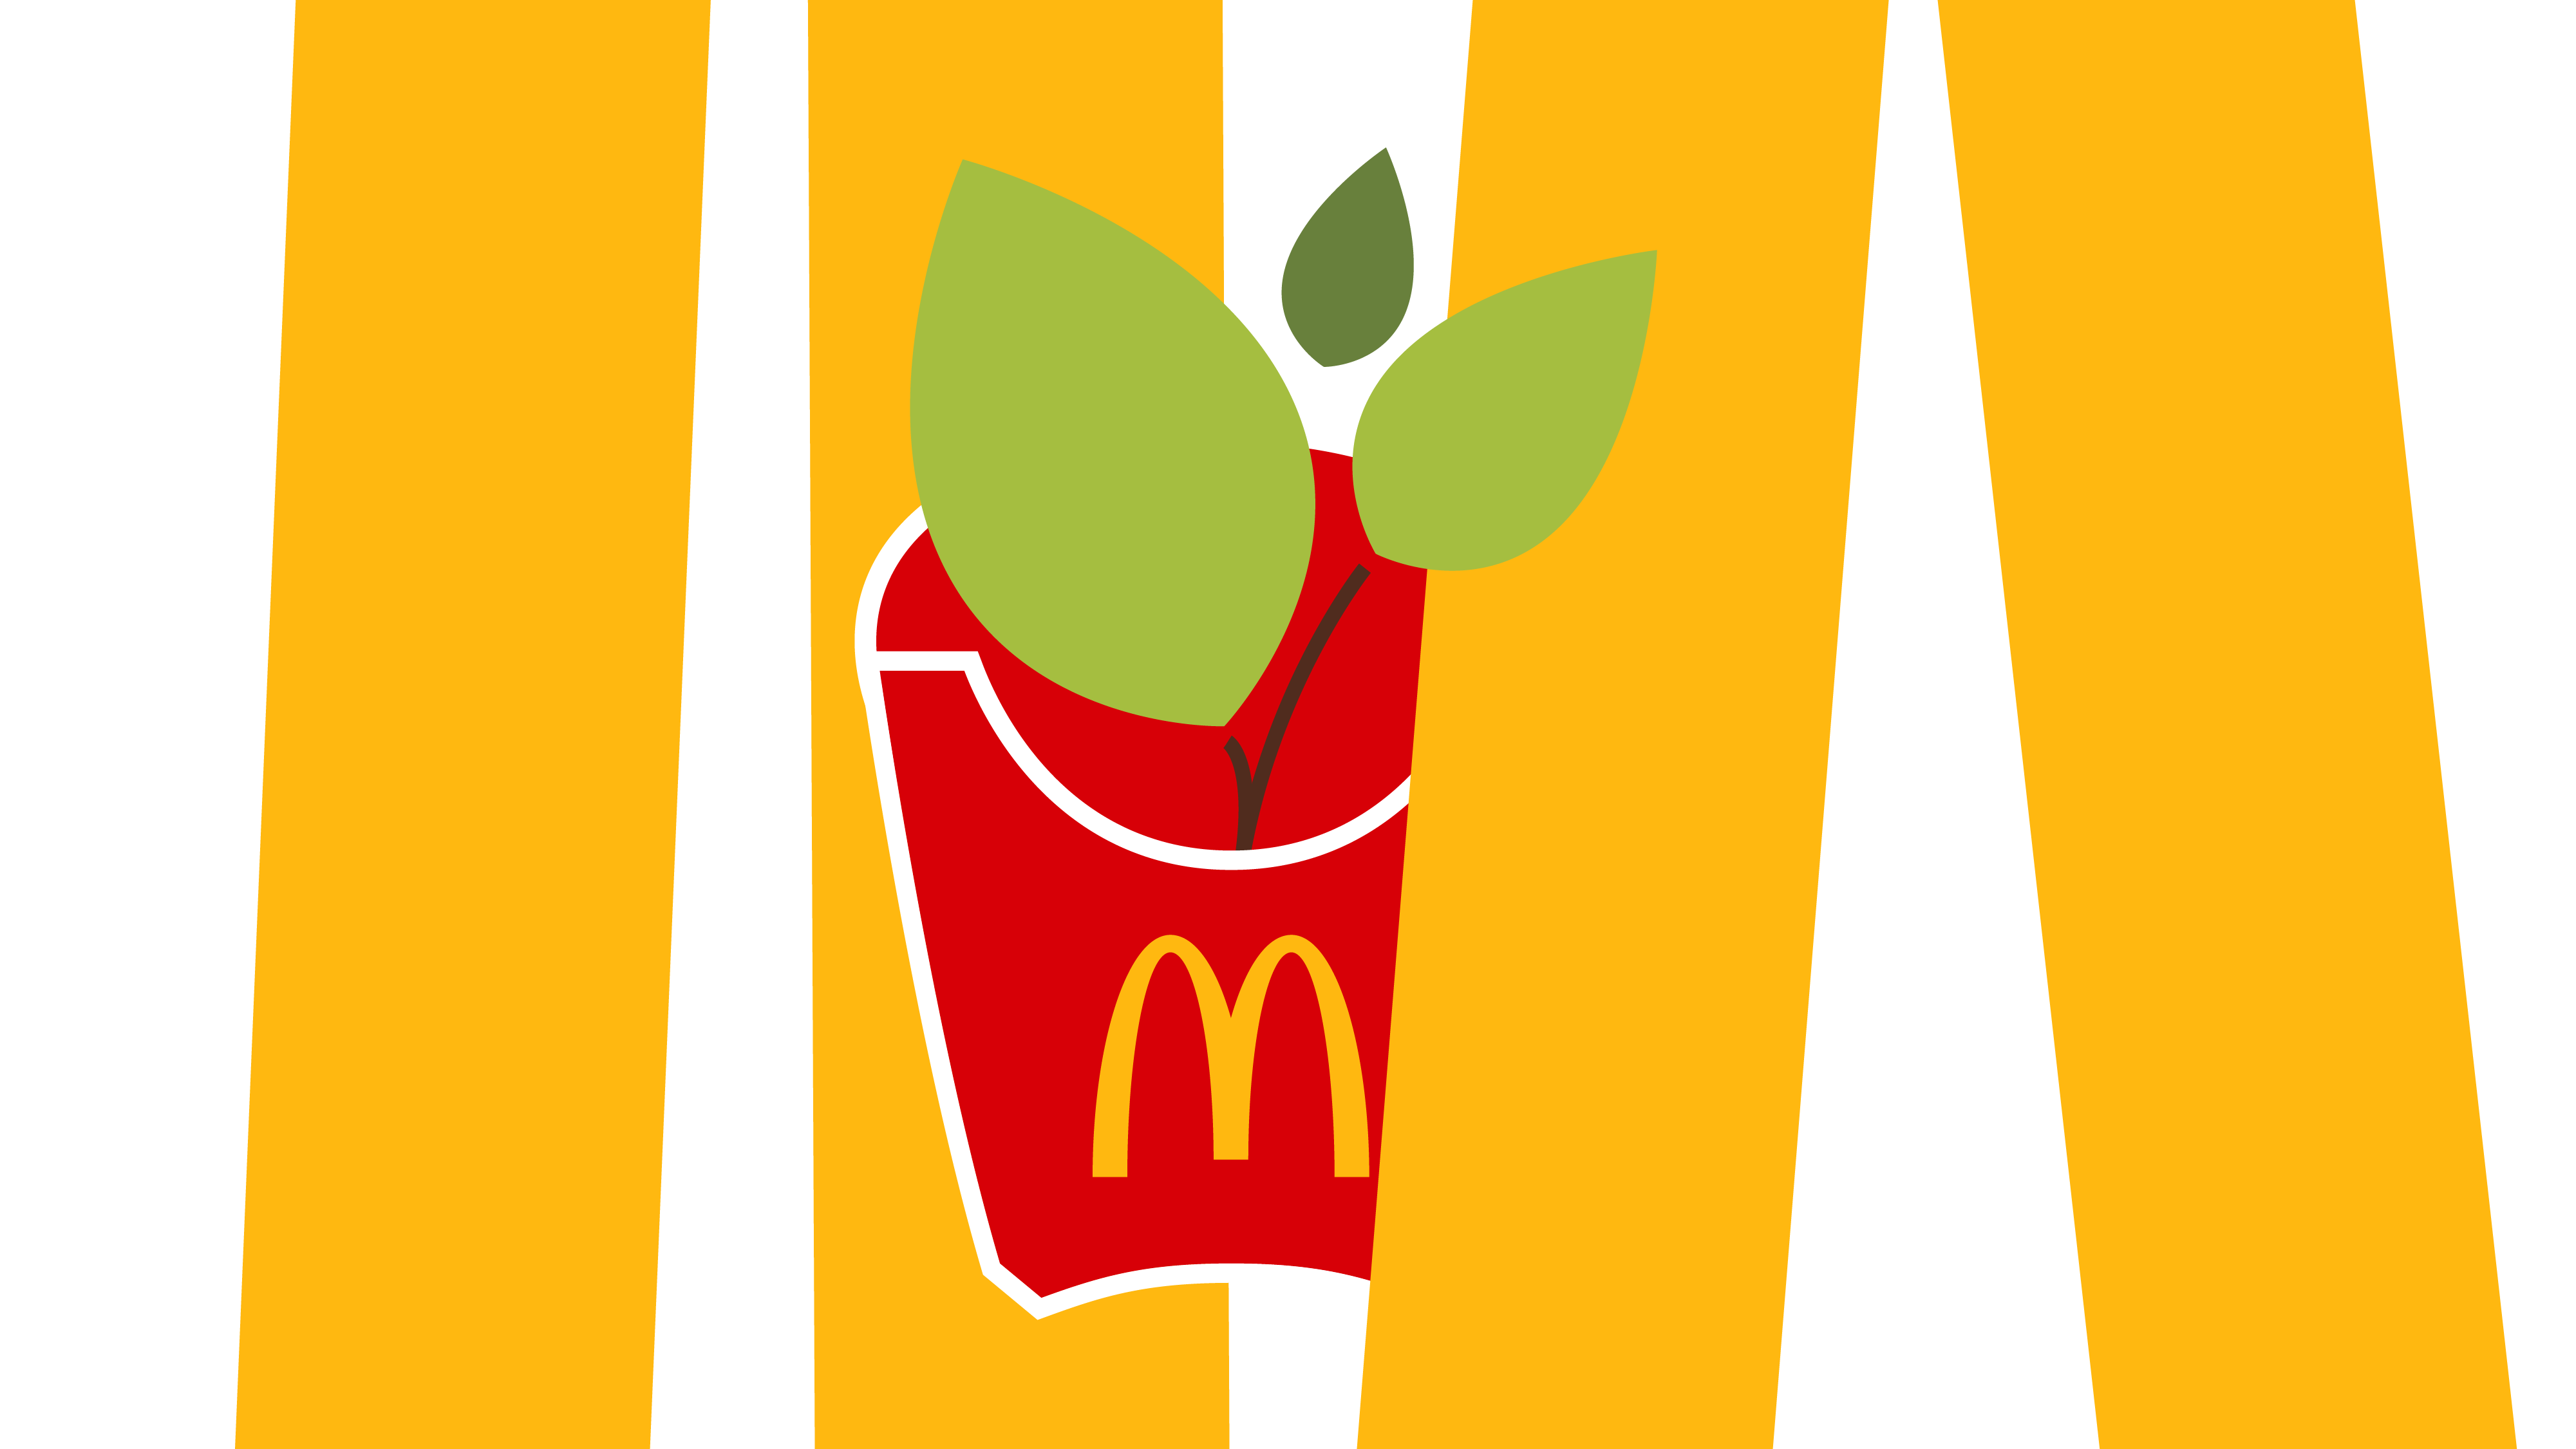 🍔 Тест: чи вмієш ти сортувати відходи як МакДональдз